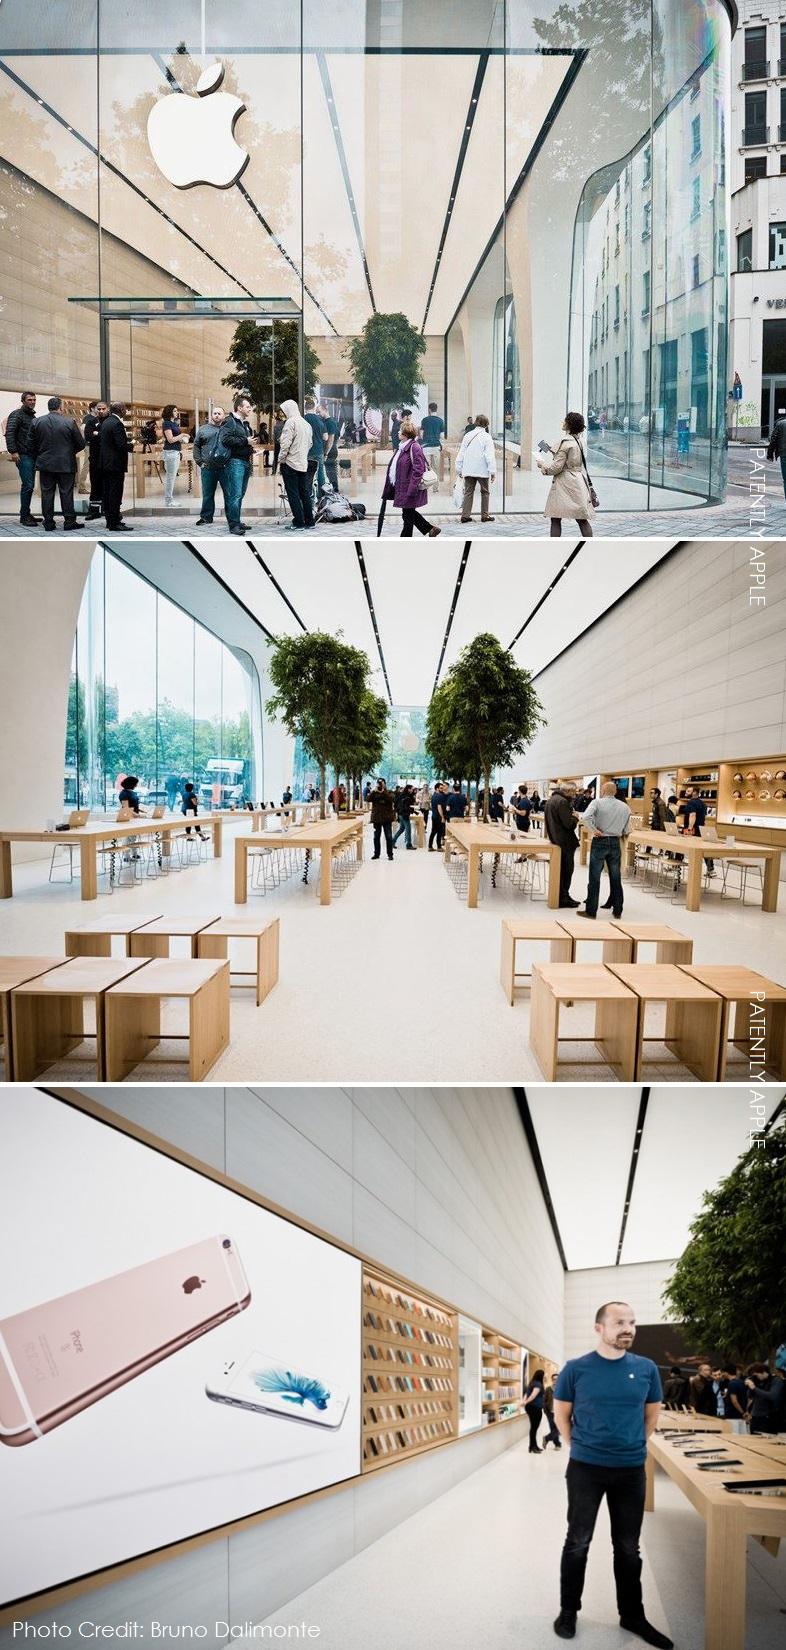 2af next gen apple store brussles